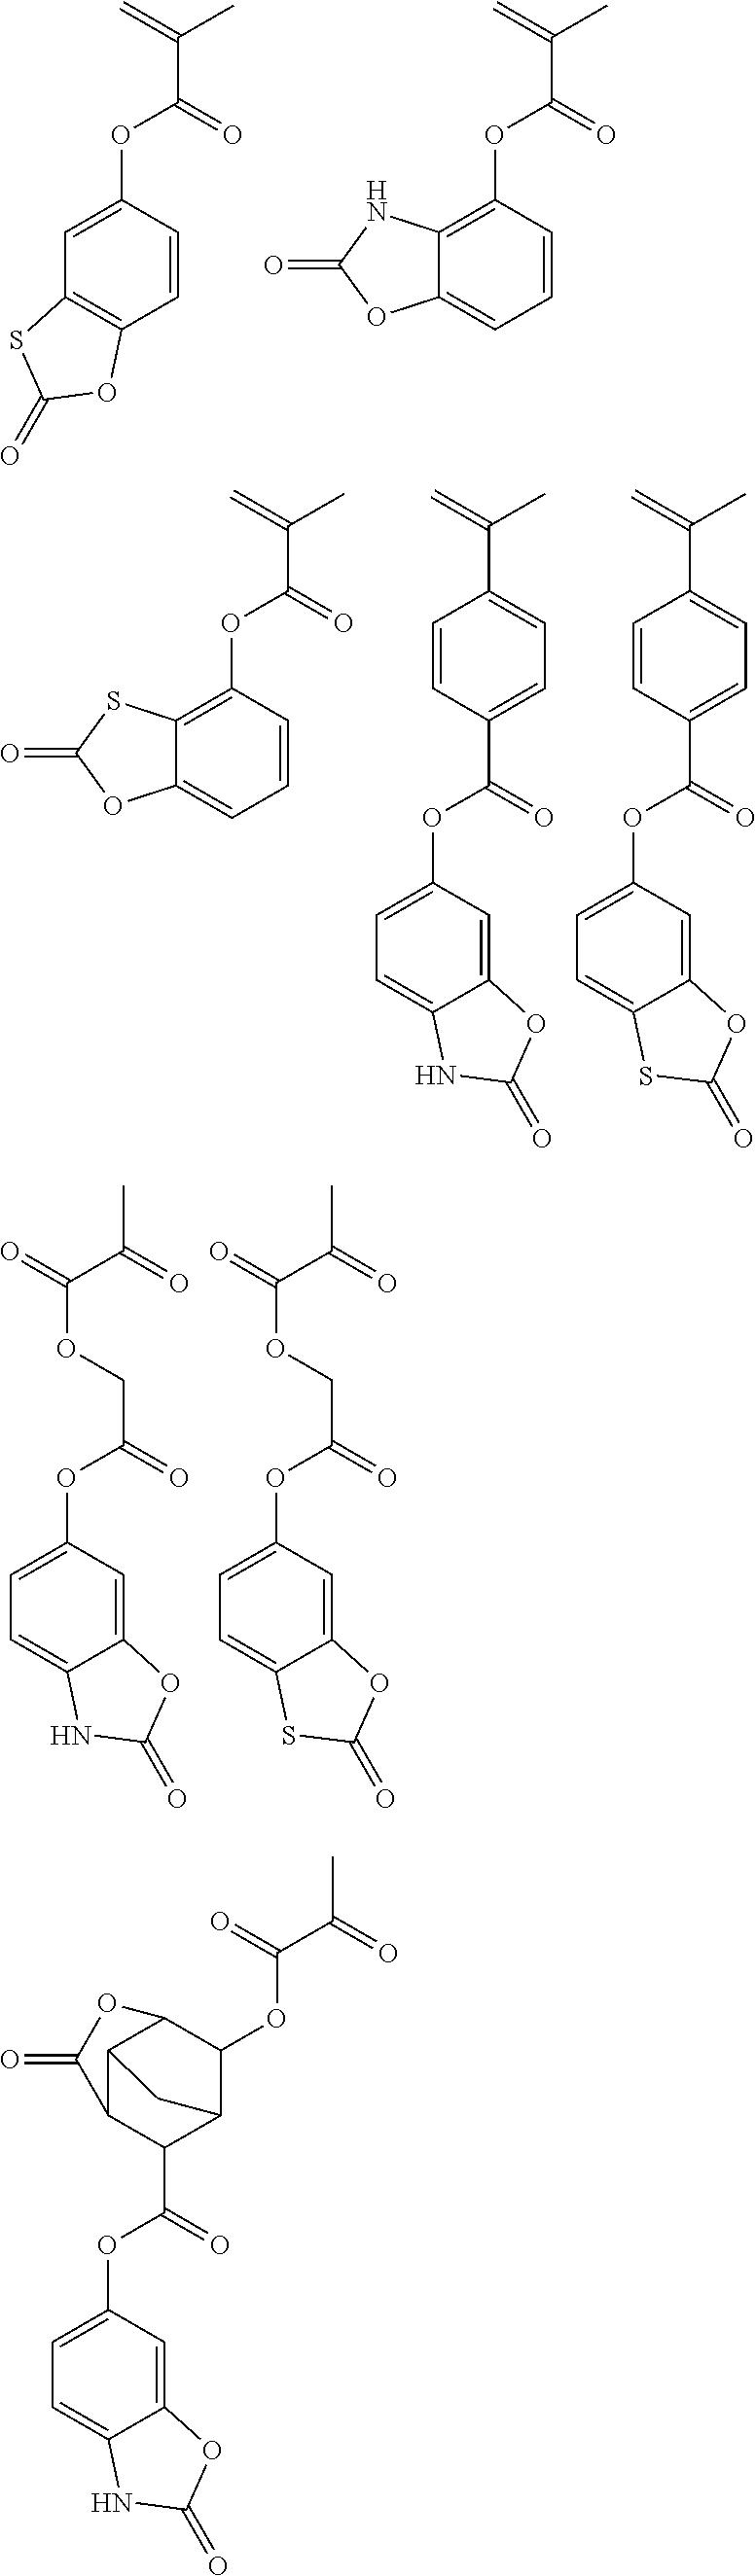 Figure US20110294070A1-20111201-C00049